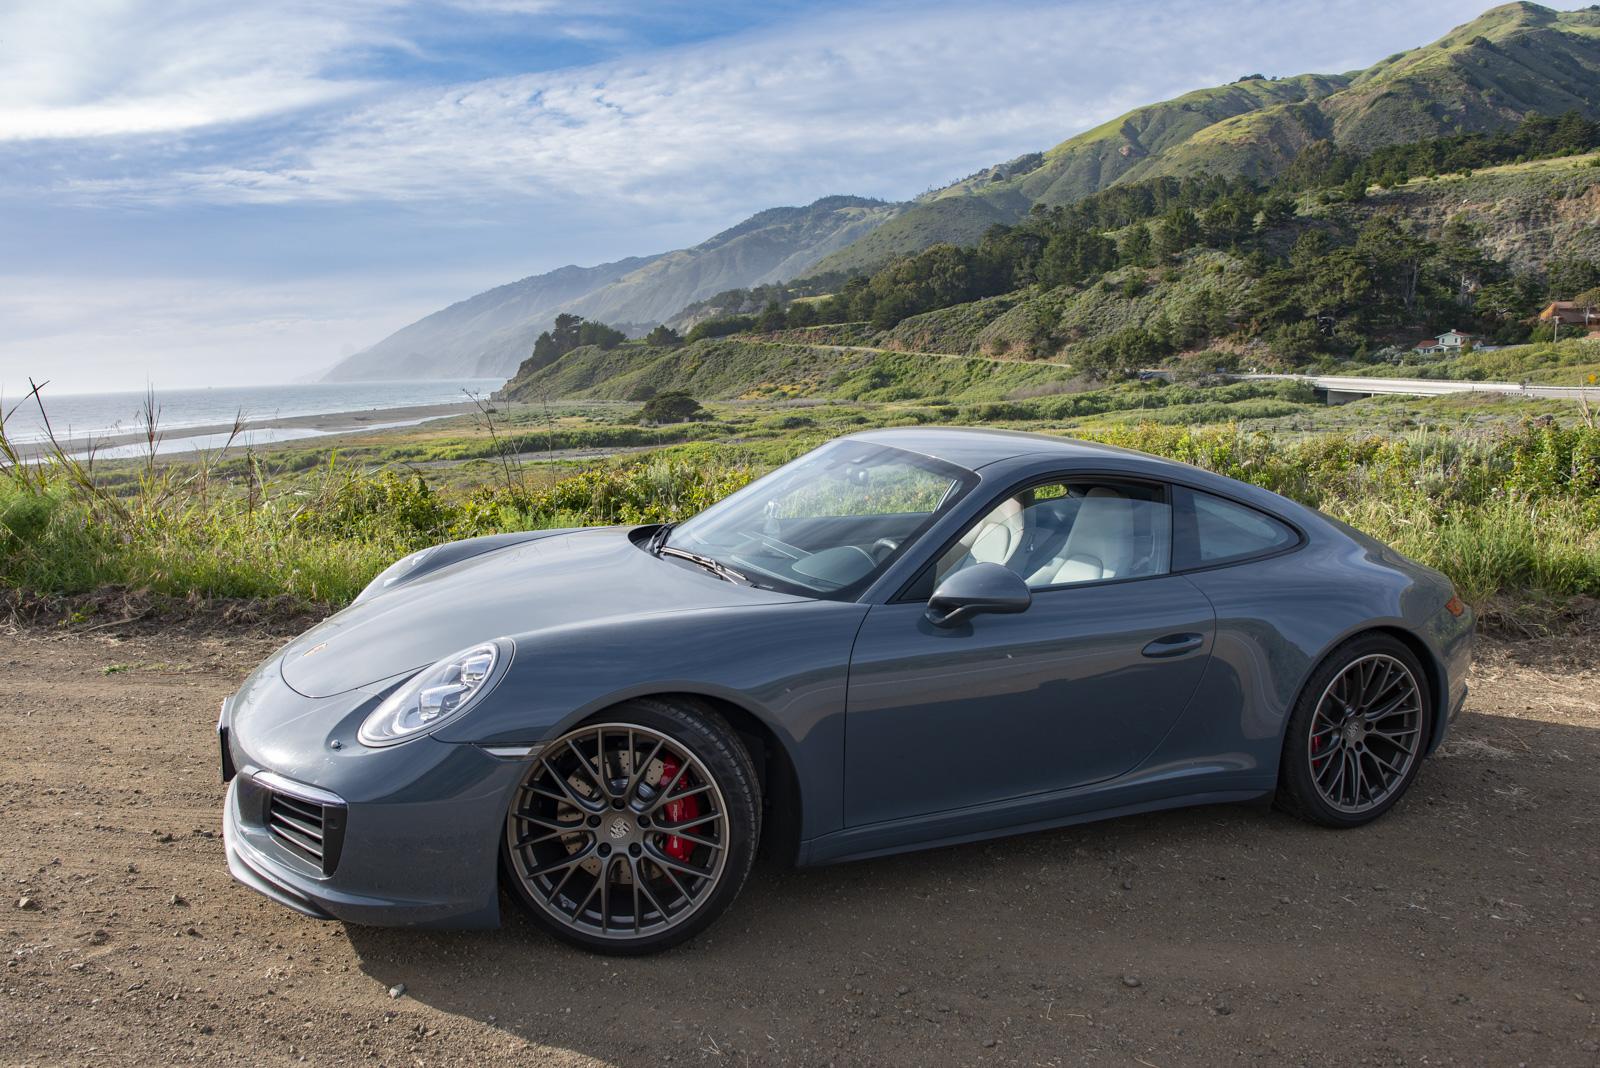 TrackWorthy - Toronto to LA - Porsche 911 C4S 991.2 - 007